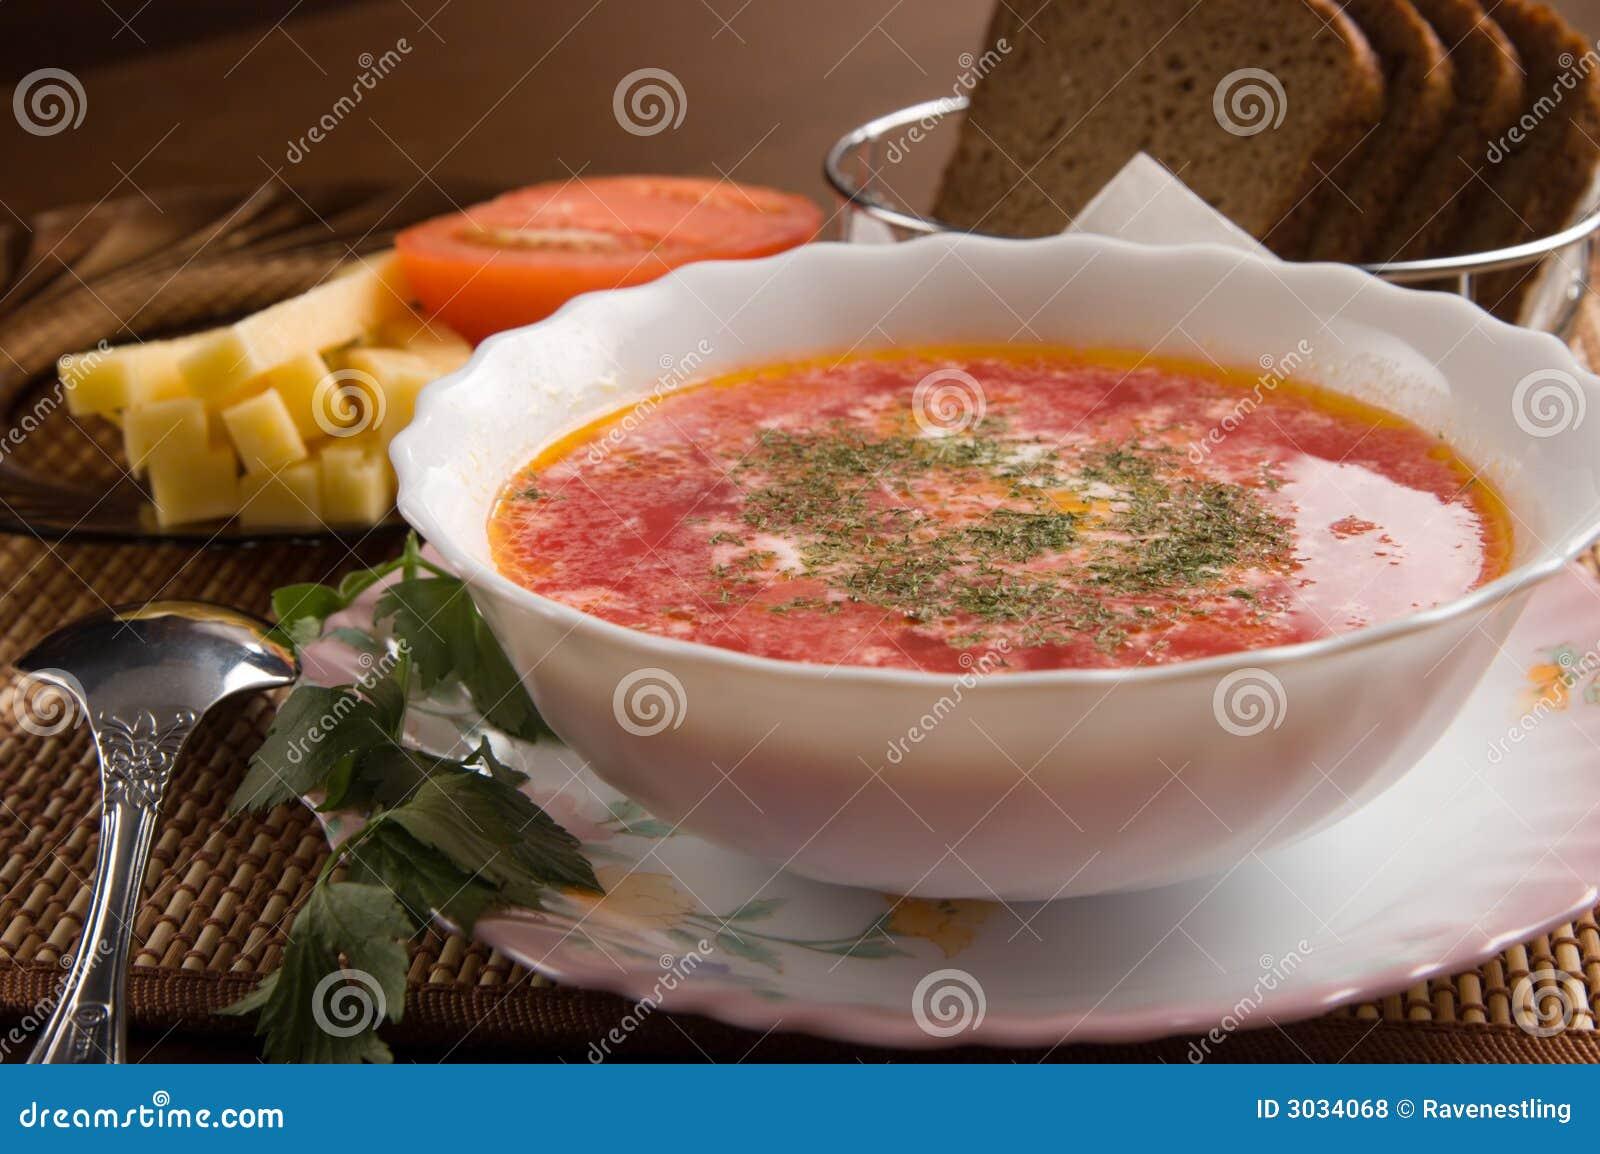 vegetarische suppe lizenzfreie stockfotos bild 3034068. Black Bedroom Furniture Sets. Home Design Ideas